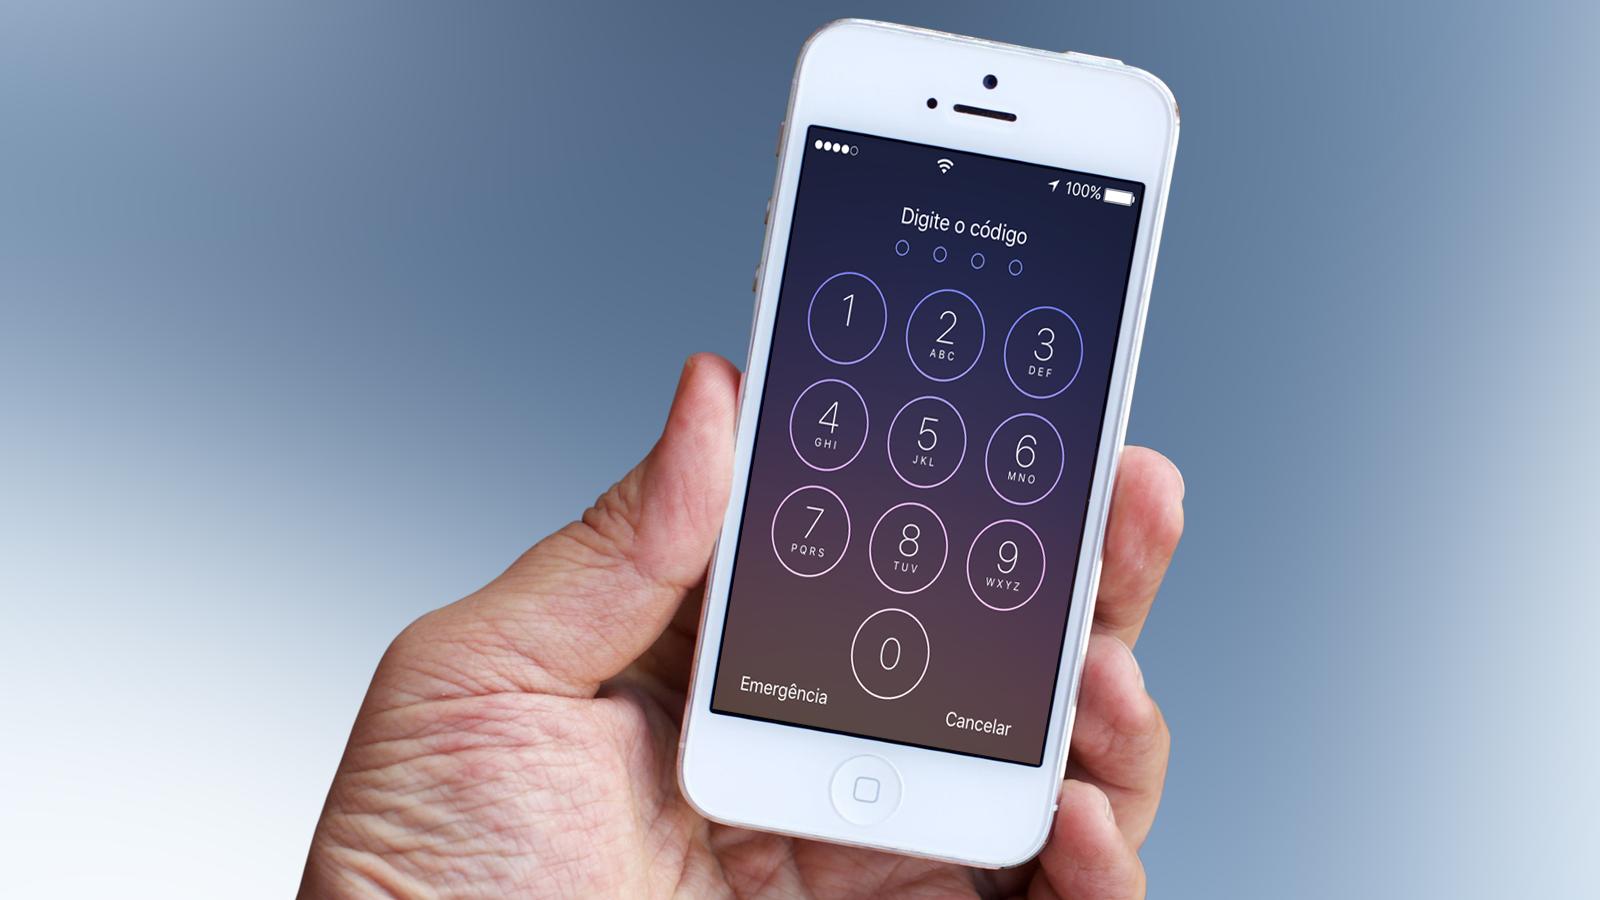 iPhone, iPad e iPod usados: verifique se estão bloqueados ao antigo dono antes de comprar